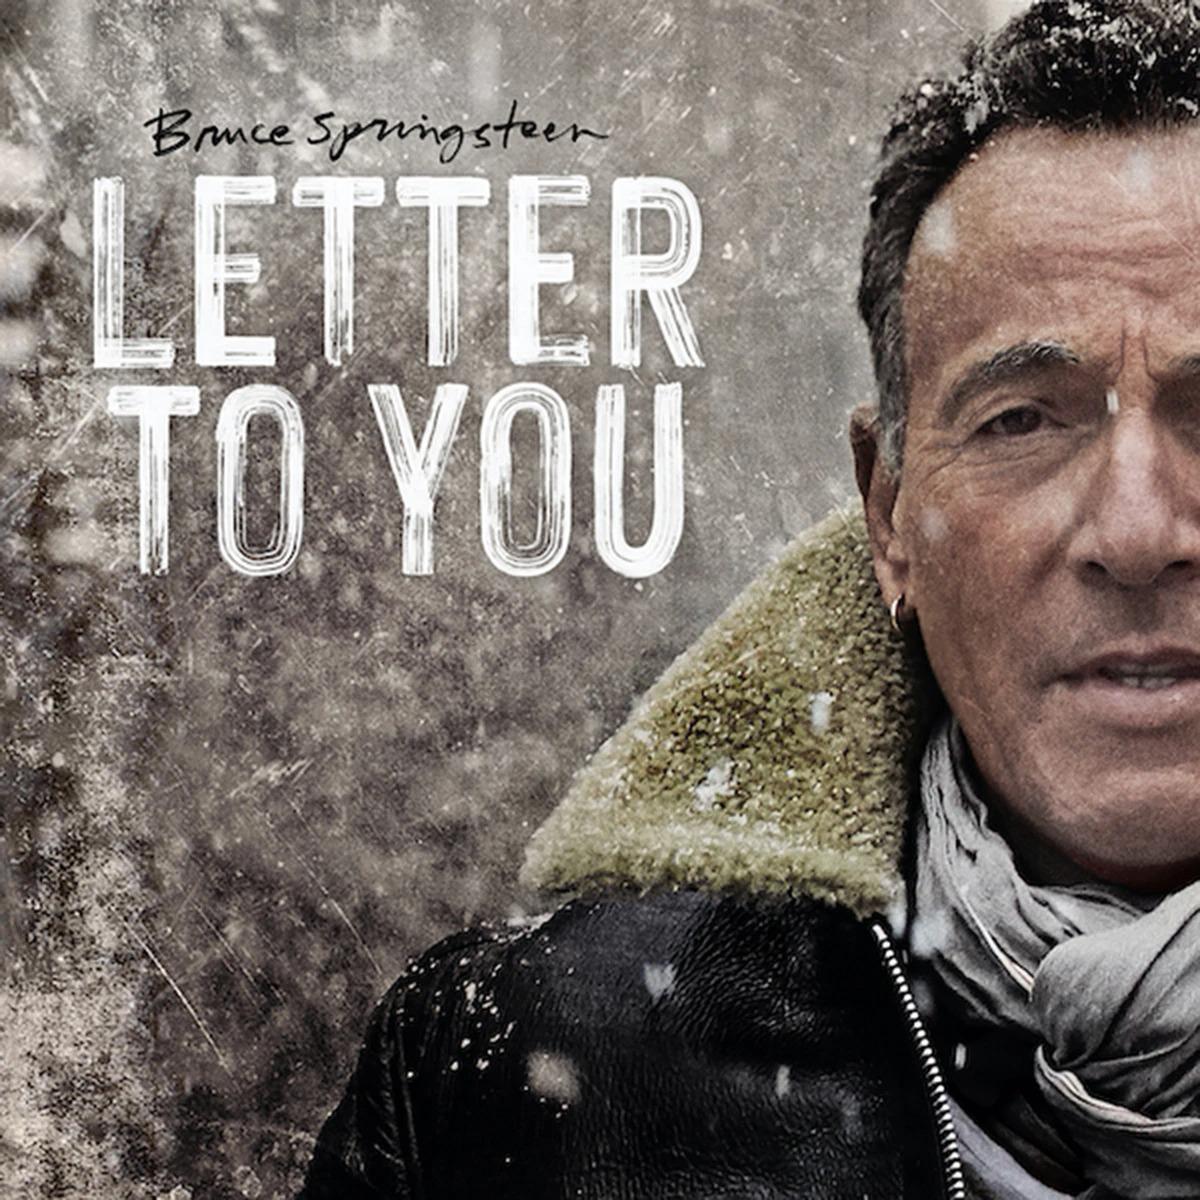 LETTER TO YOU (EDICIÓN COLOR) (2 LP-VINILO) Artista Bruce Springsteen